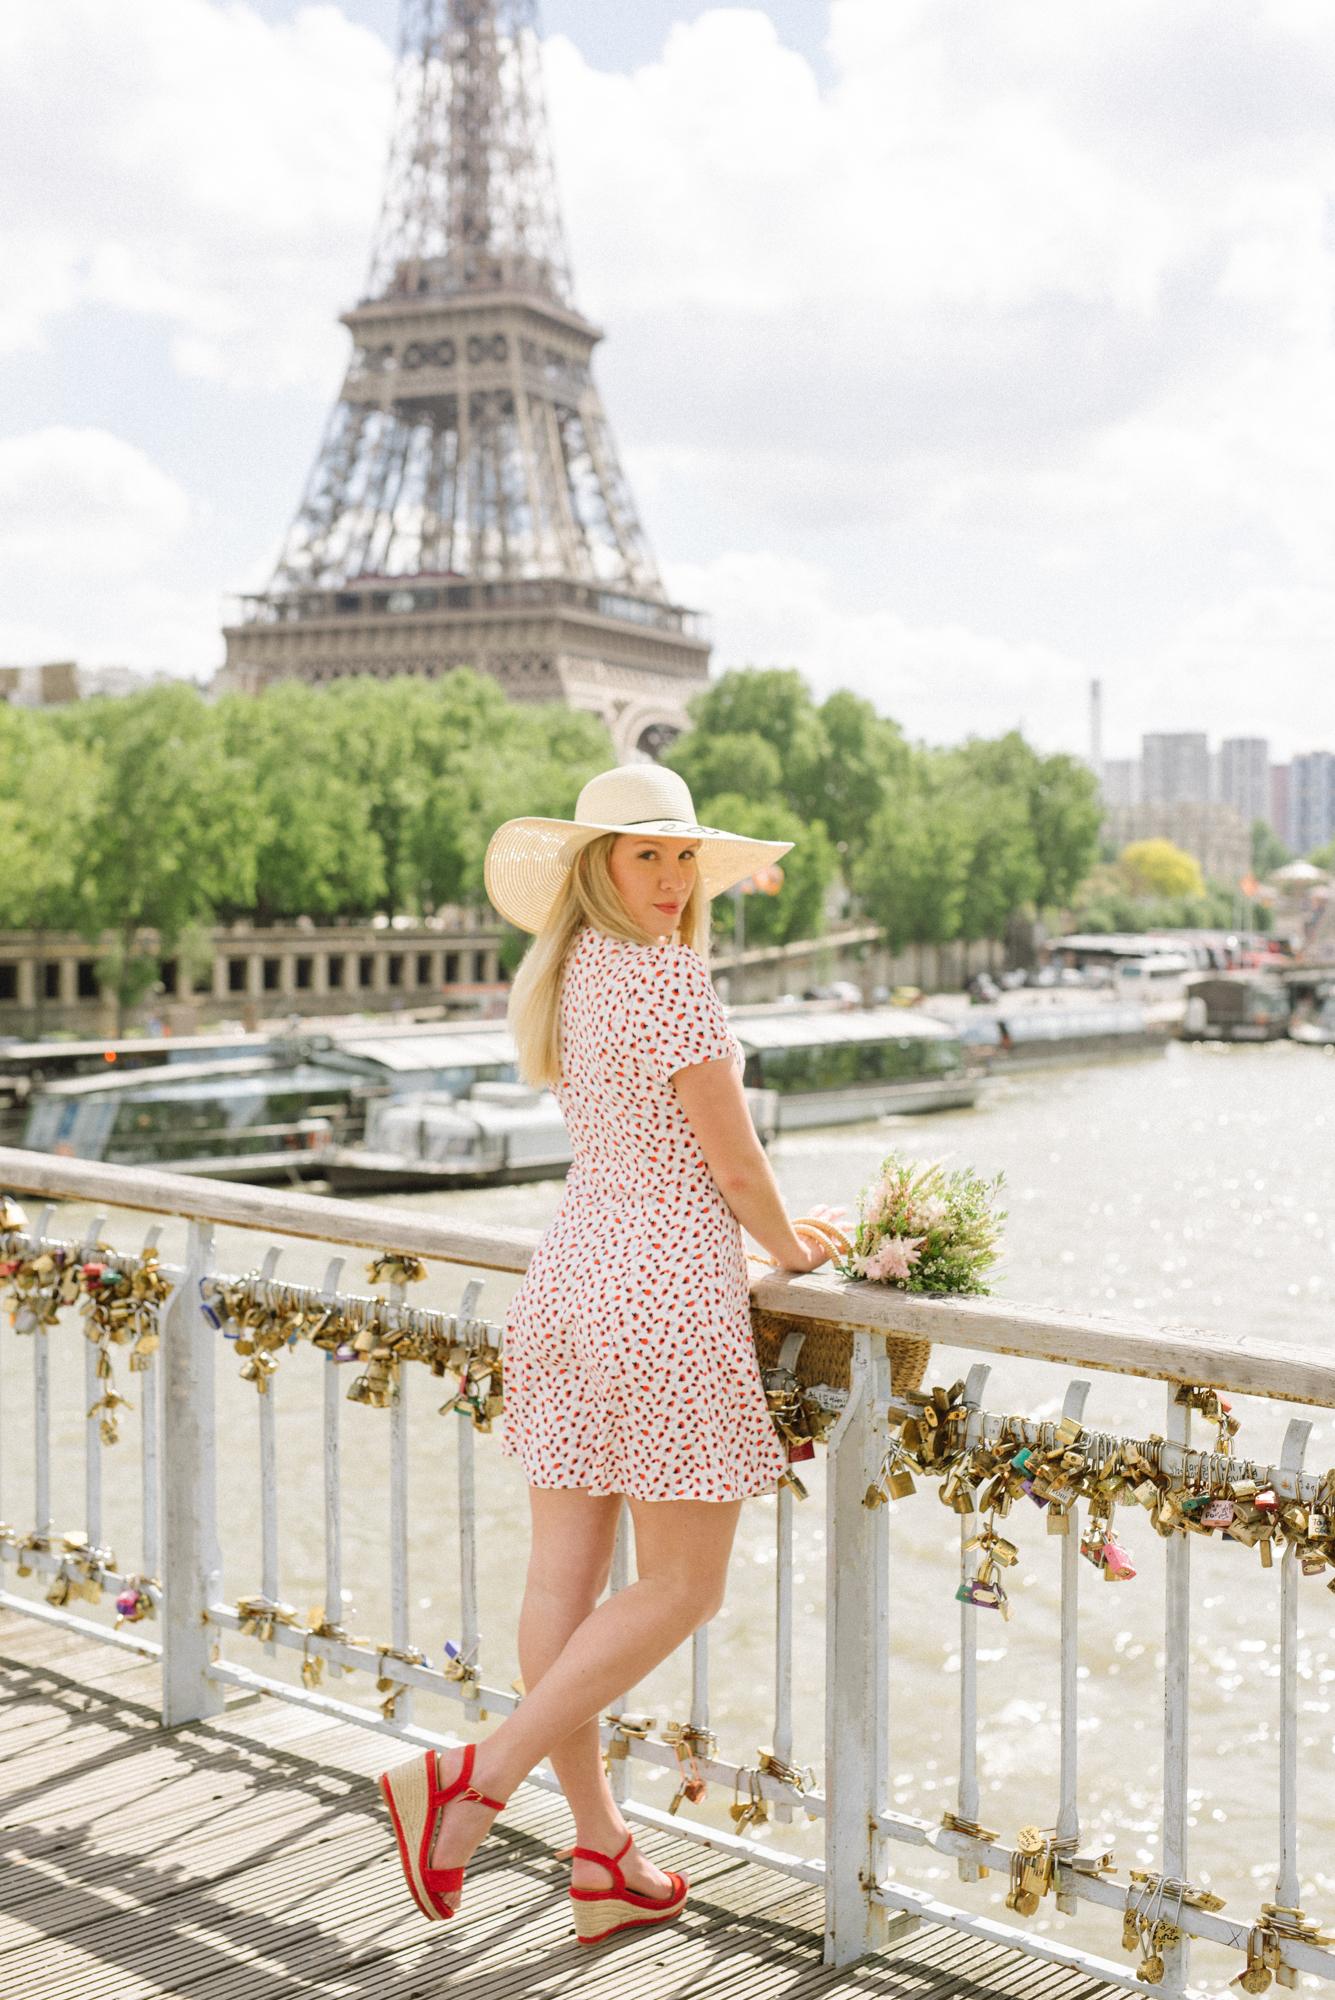 Photographe-professionnel-Brest-Paris-Boutique-Bretagne-Finistere-Blogueuse-Influenceur-mode-collection-vêtement-robe-estivale-été